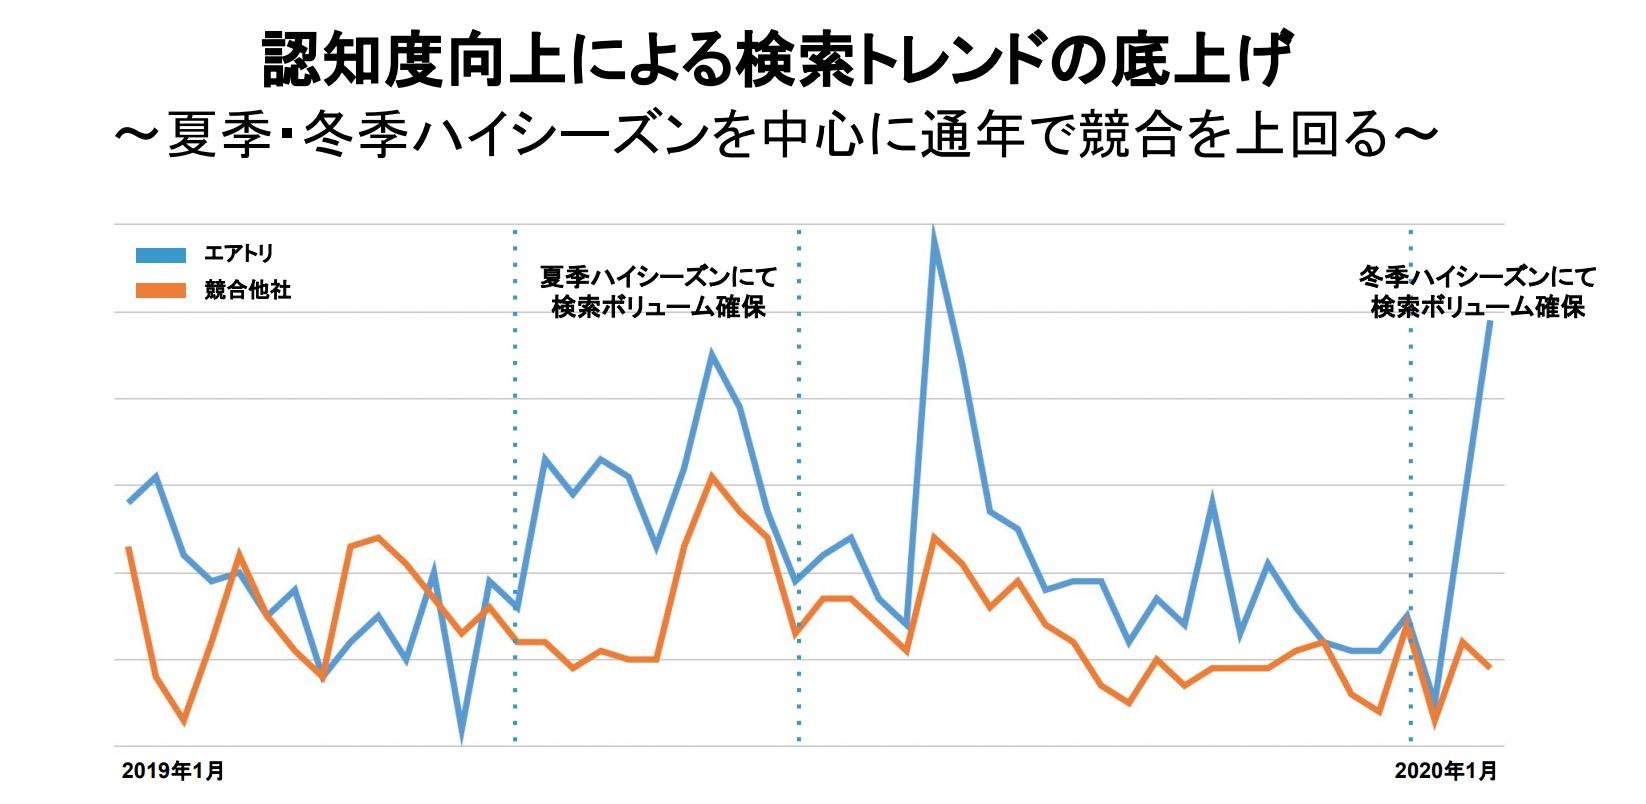 株価 エアトリ